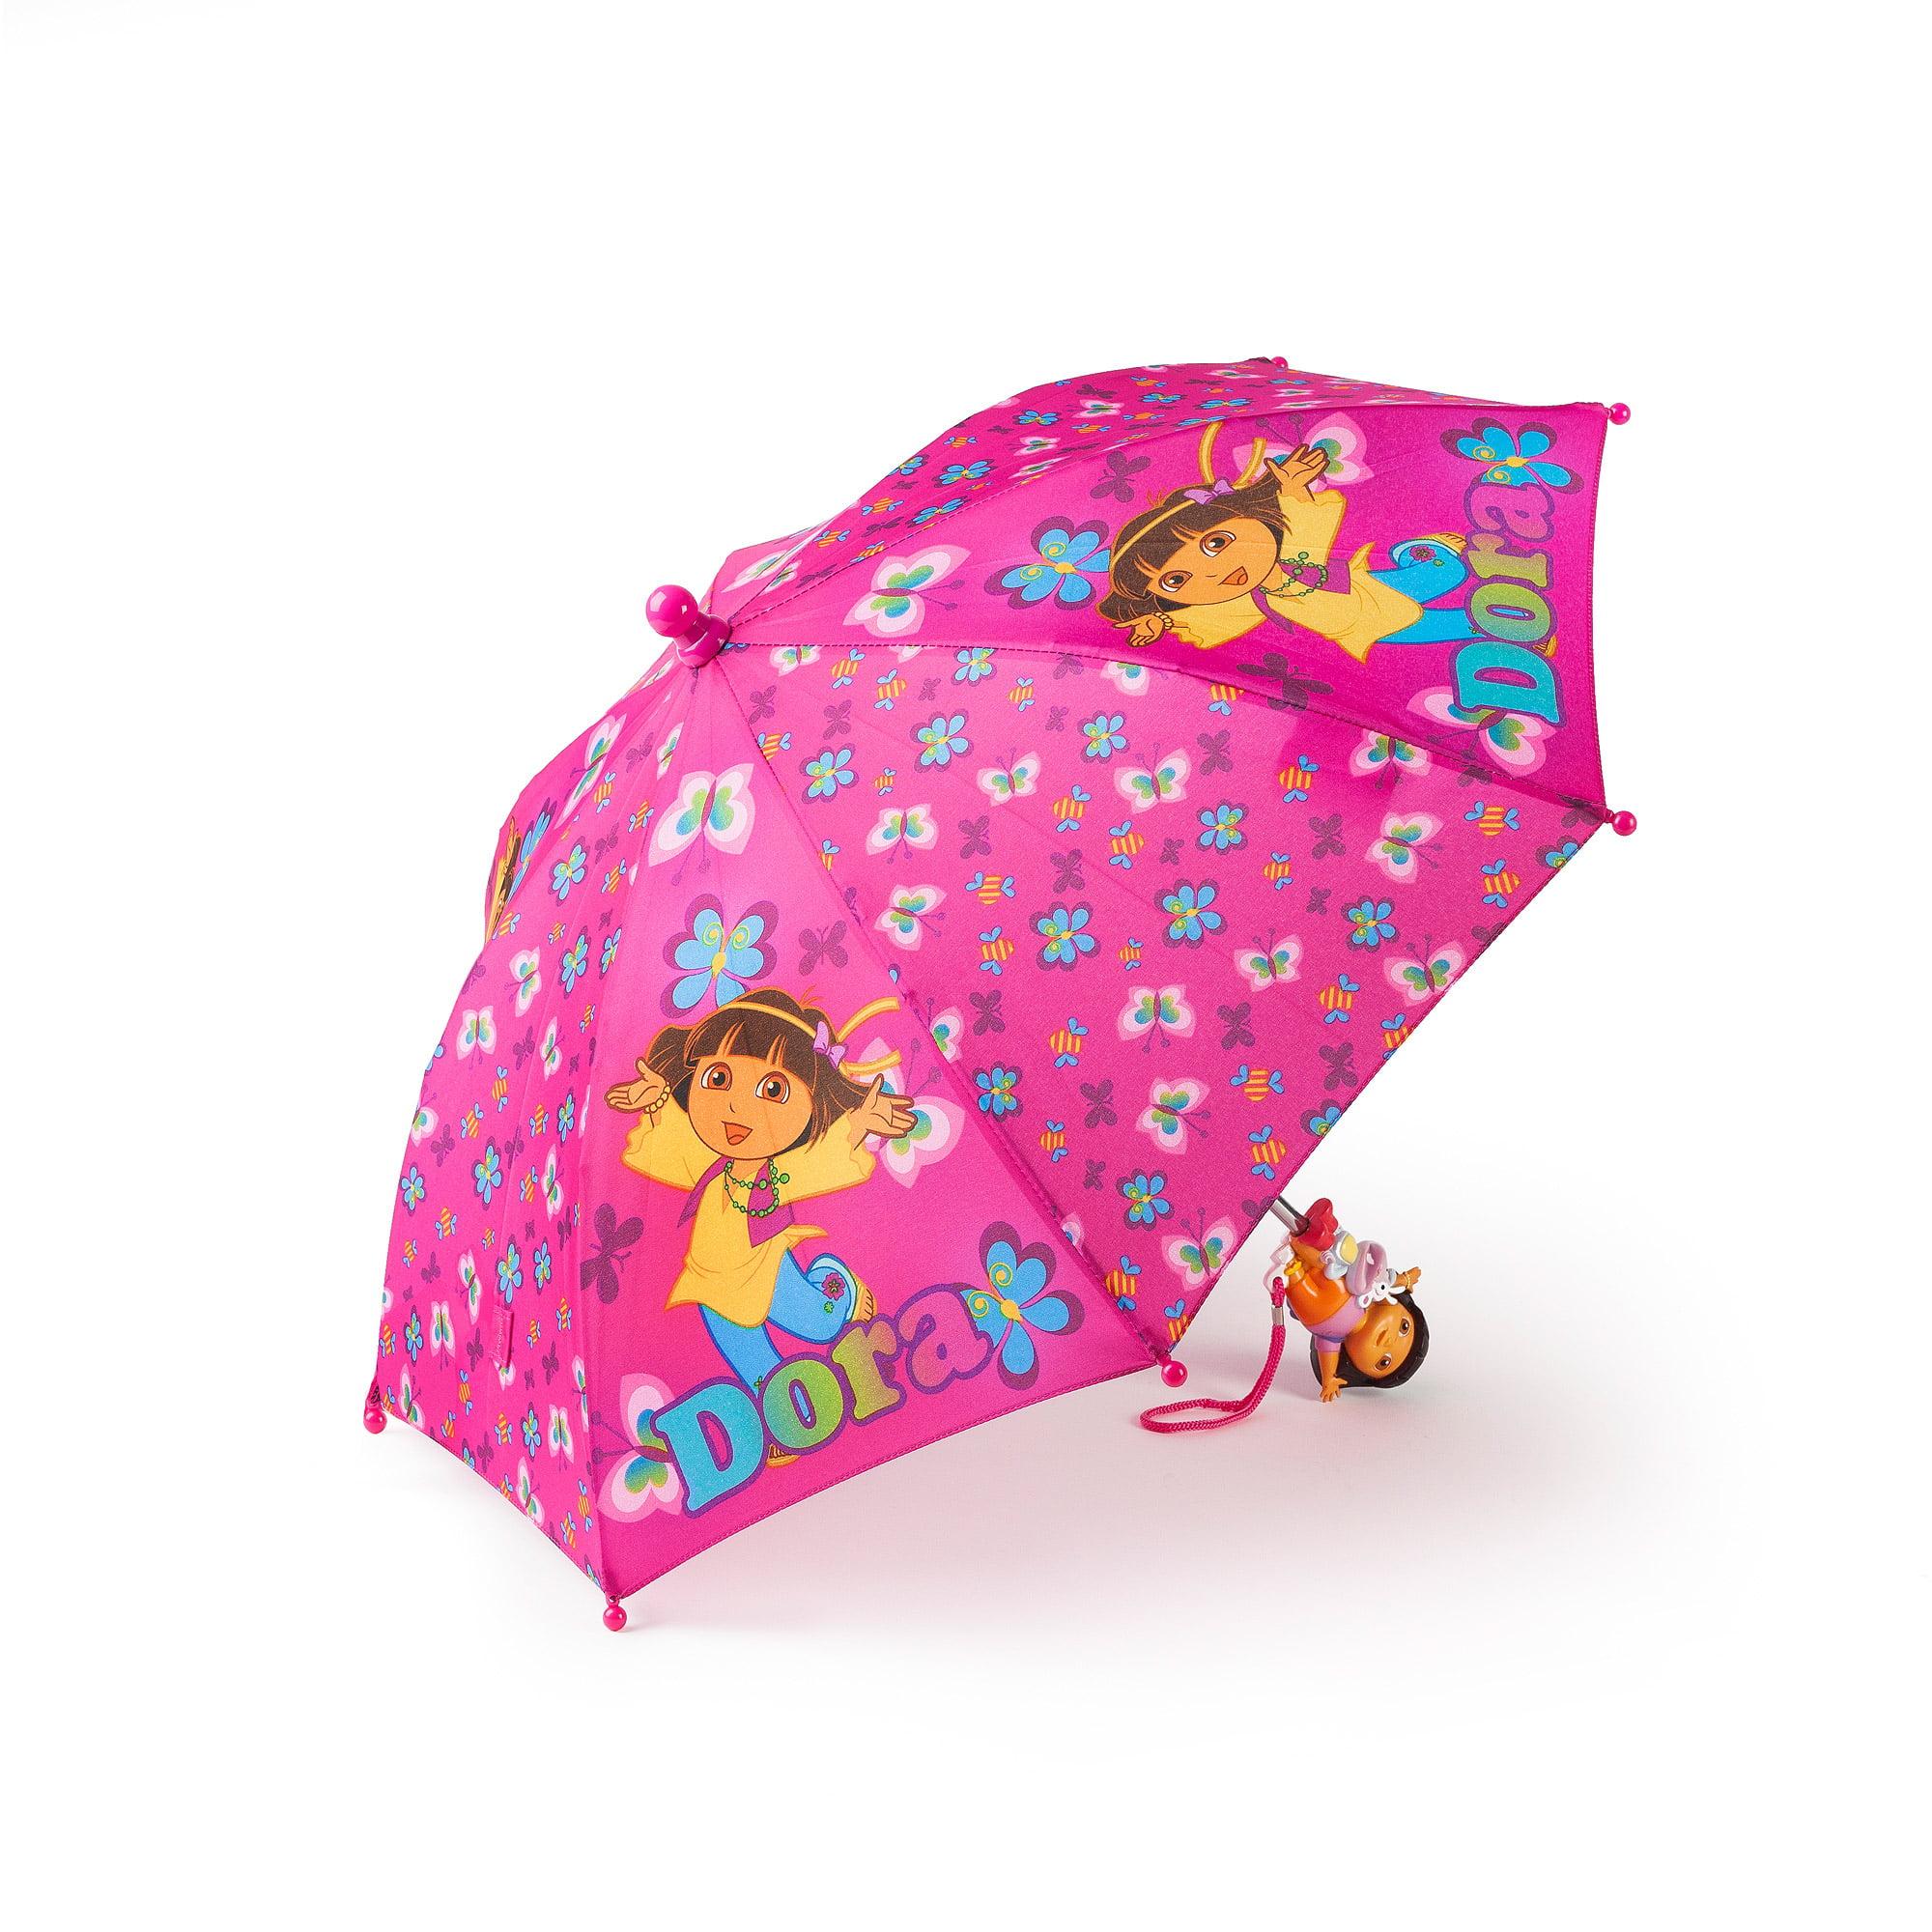 Dora the Explorer Toddlers' Umbrella